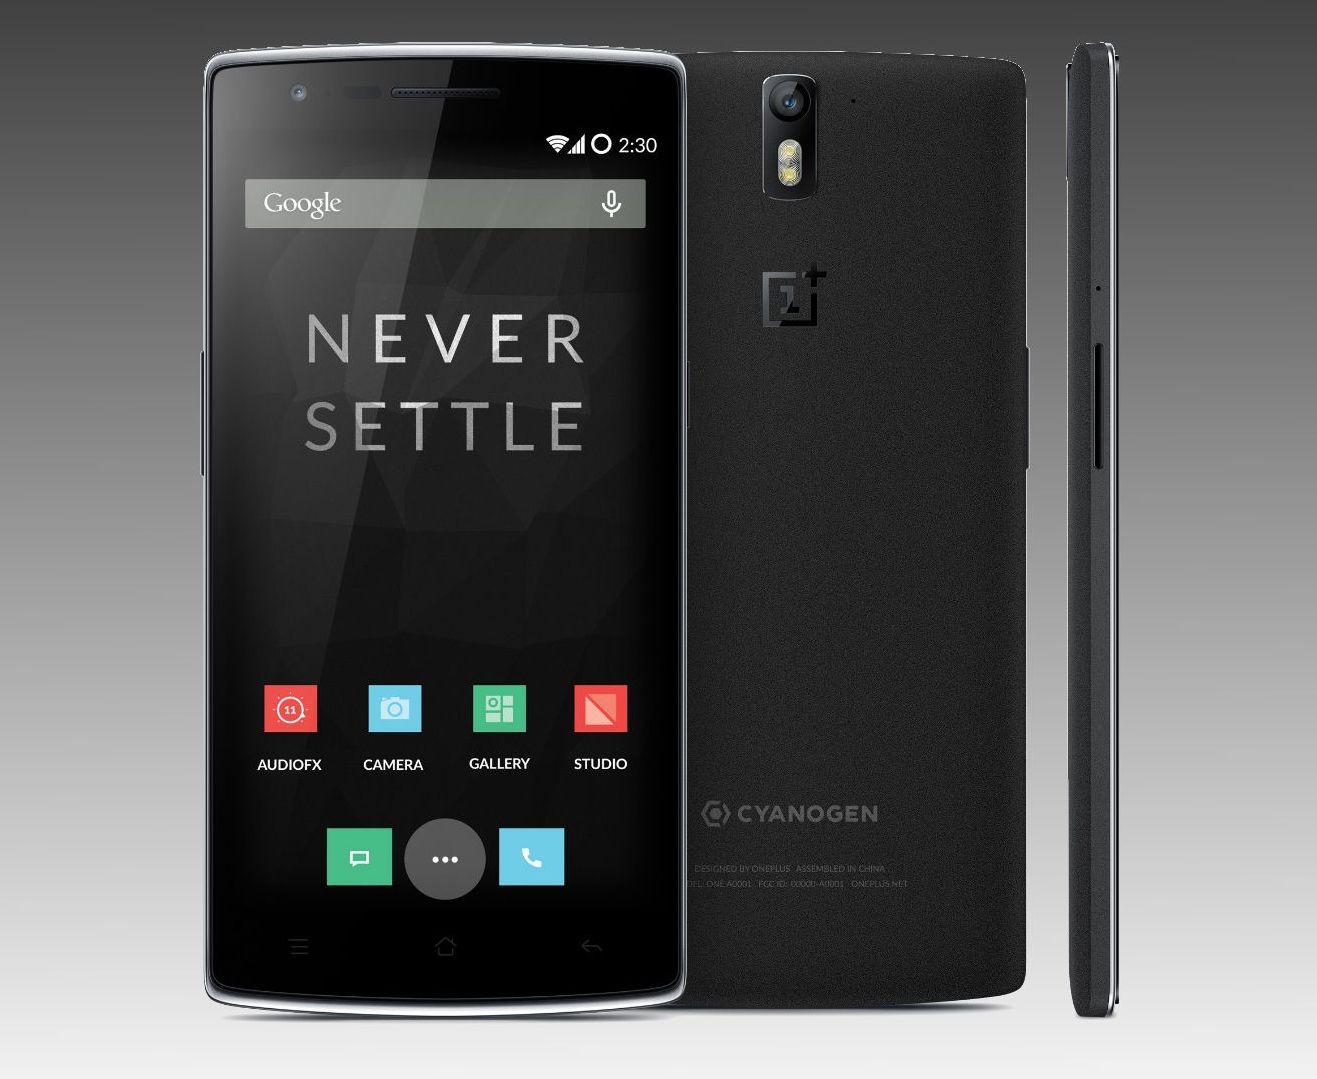 Une nouvelle mise à jour en OTA pour le OnePlus One, mais toujours pas de Lollipop